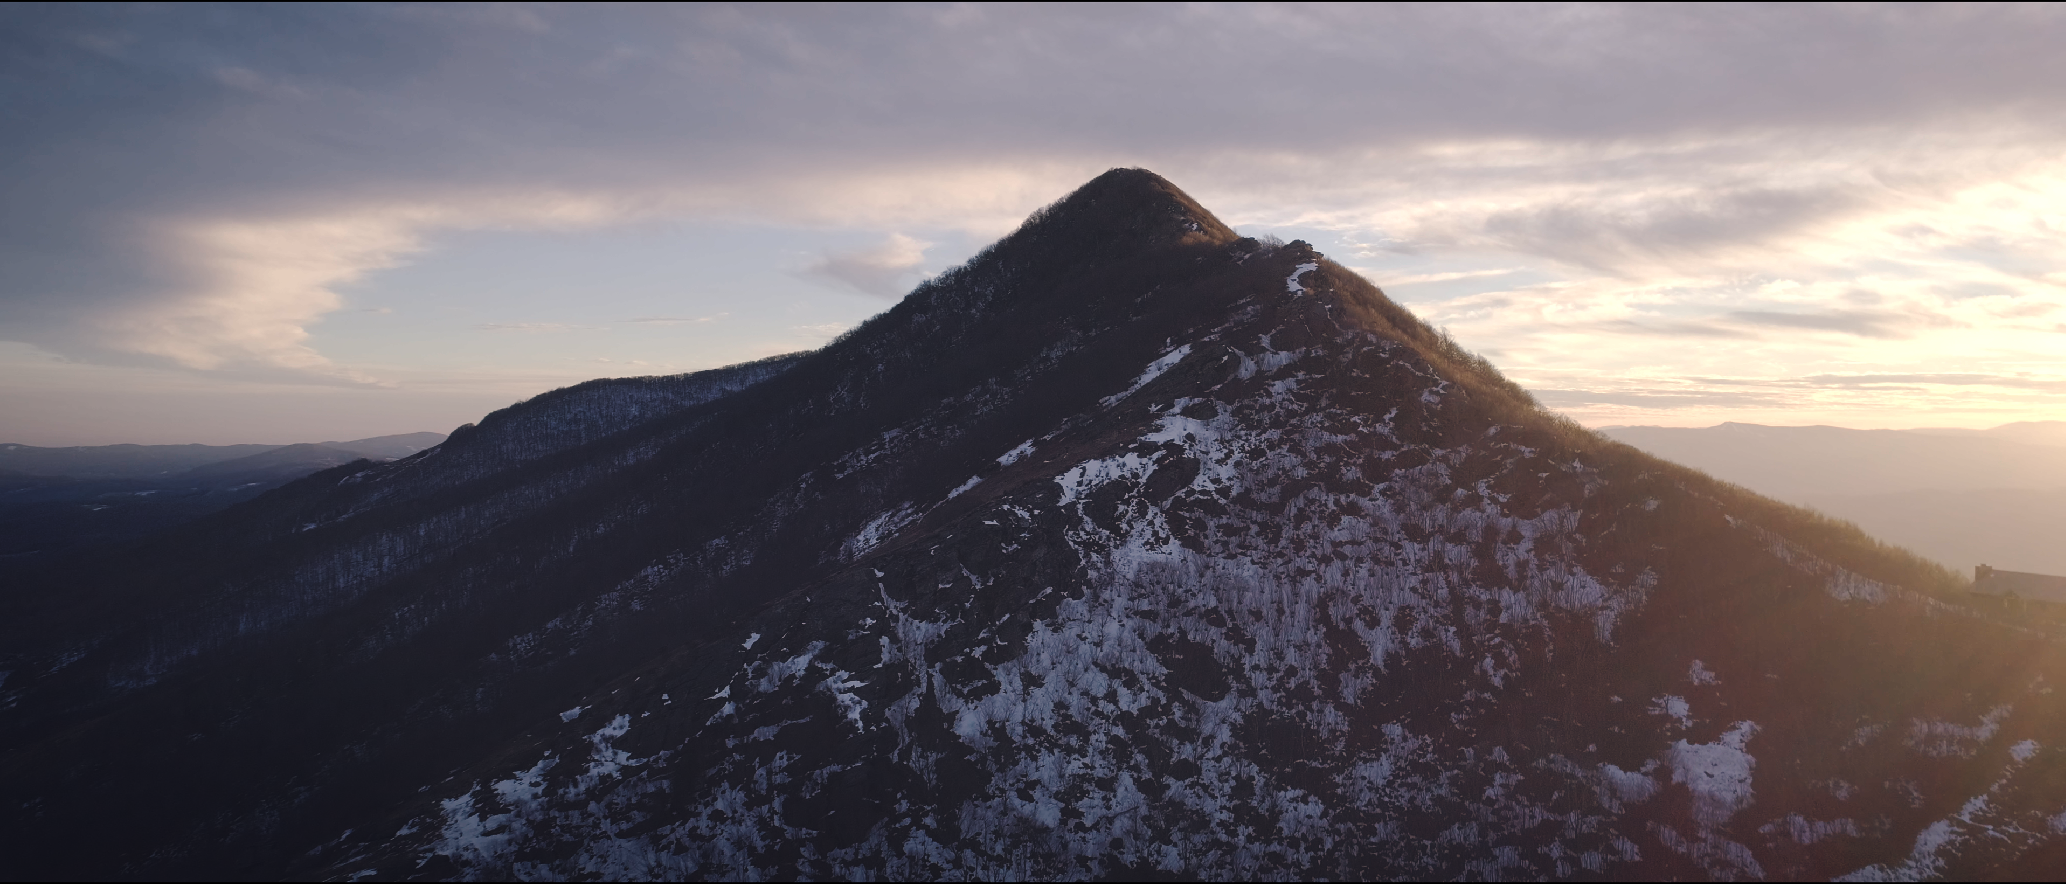 Screen Shot 2019-01-02 at 1.33.08 PM.png